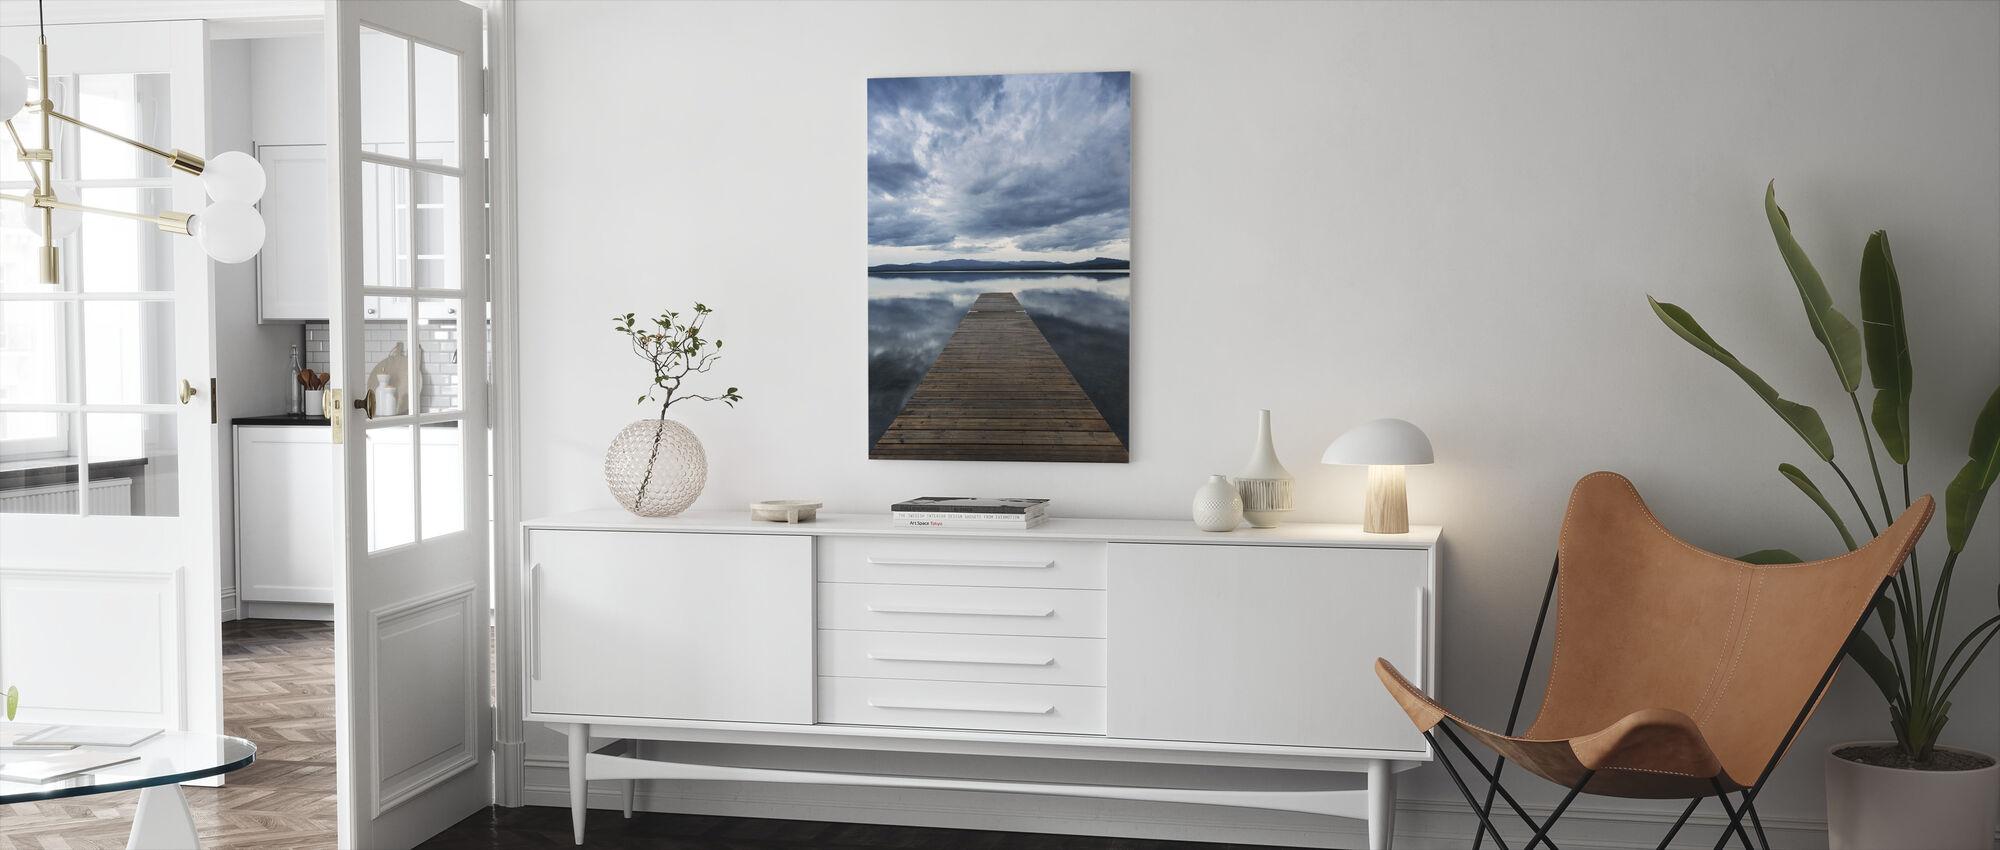 Laituri pilvinen - Canvastaulu - Olohuone